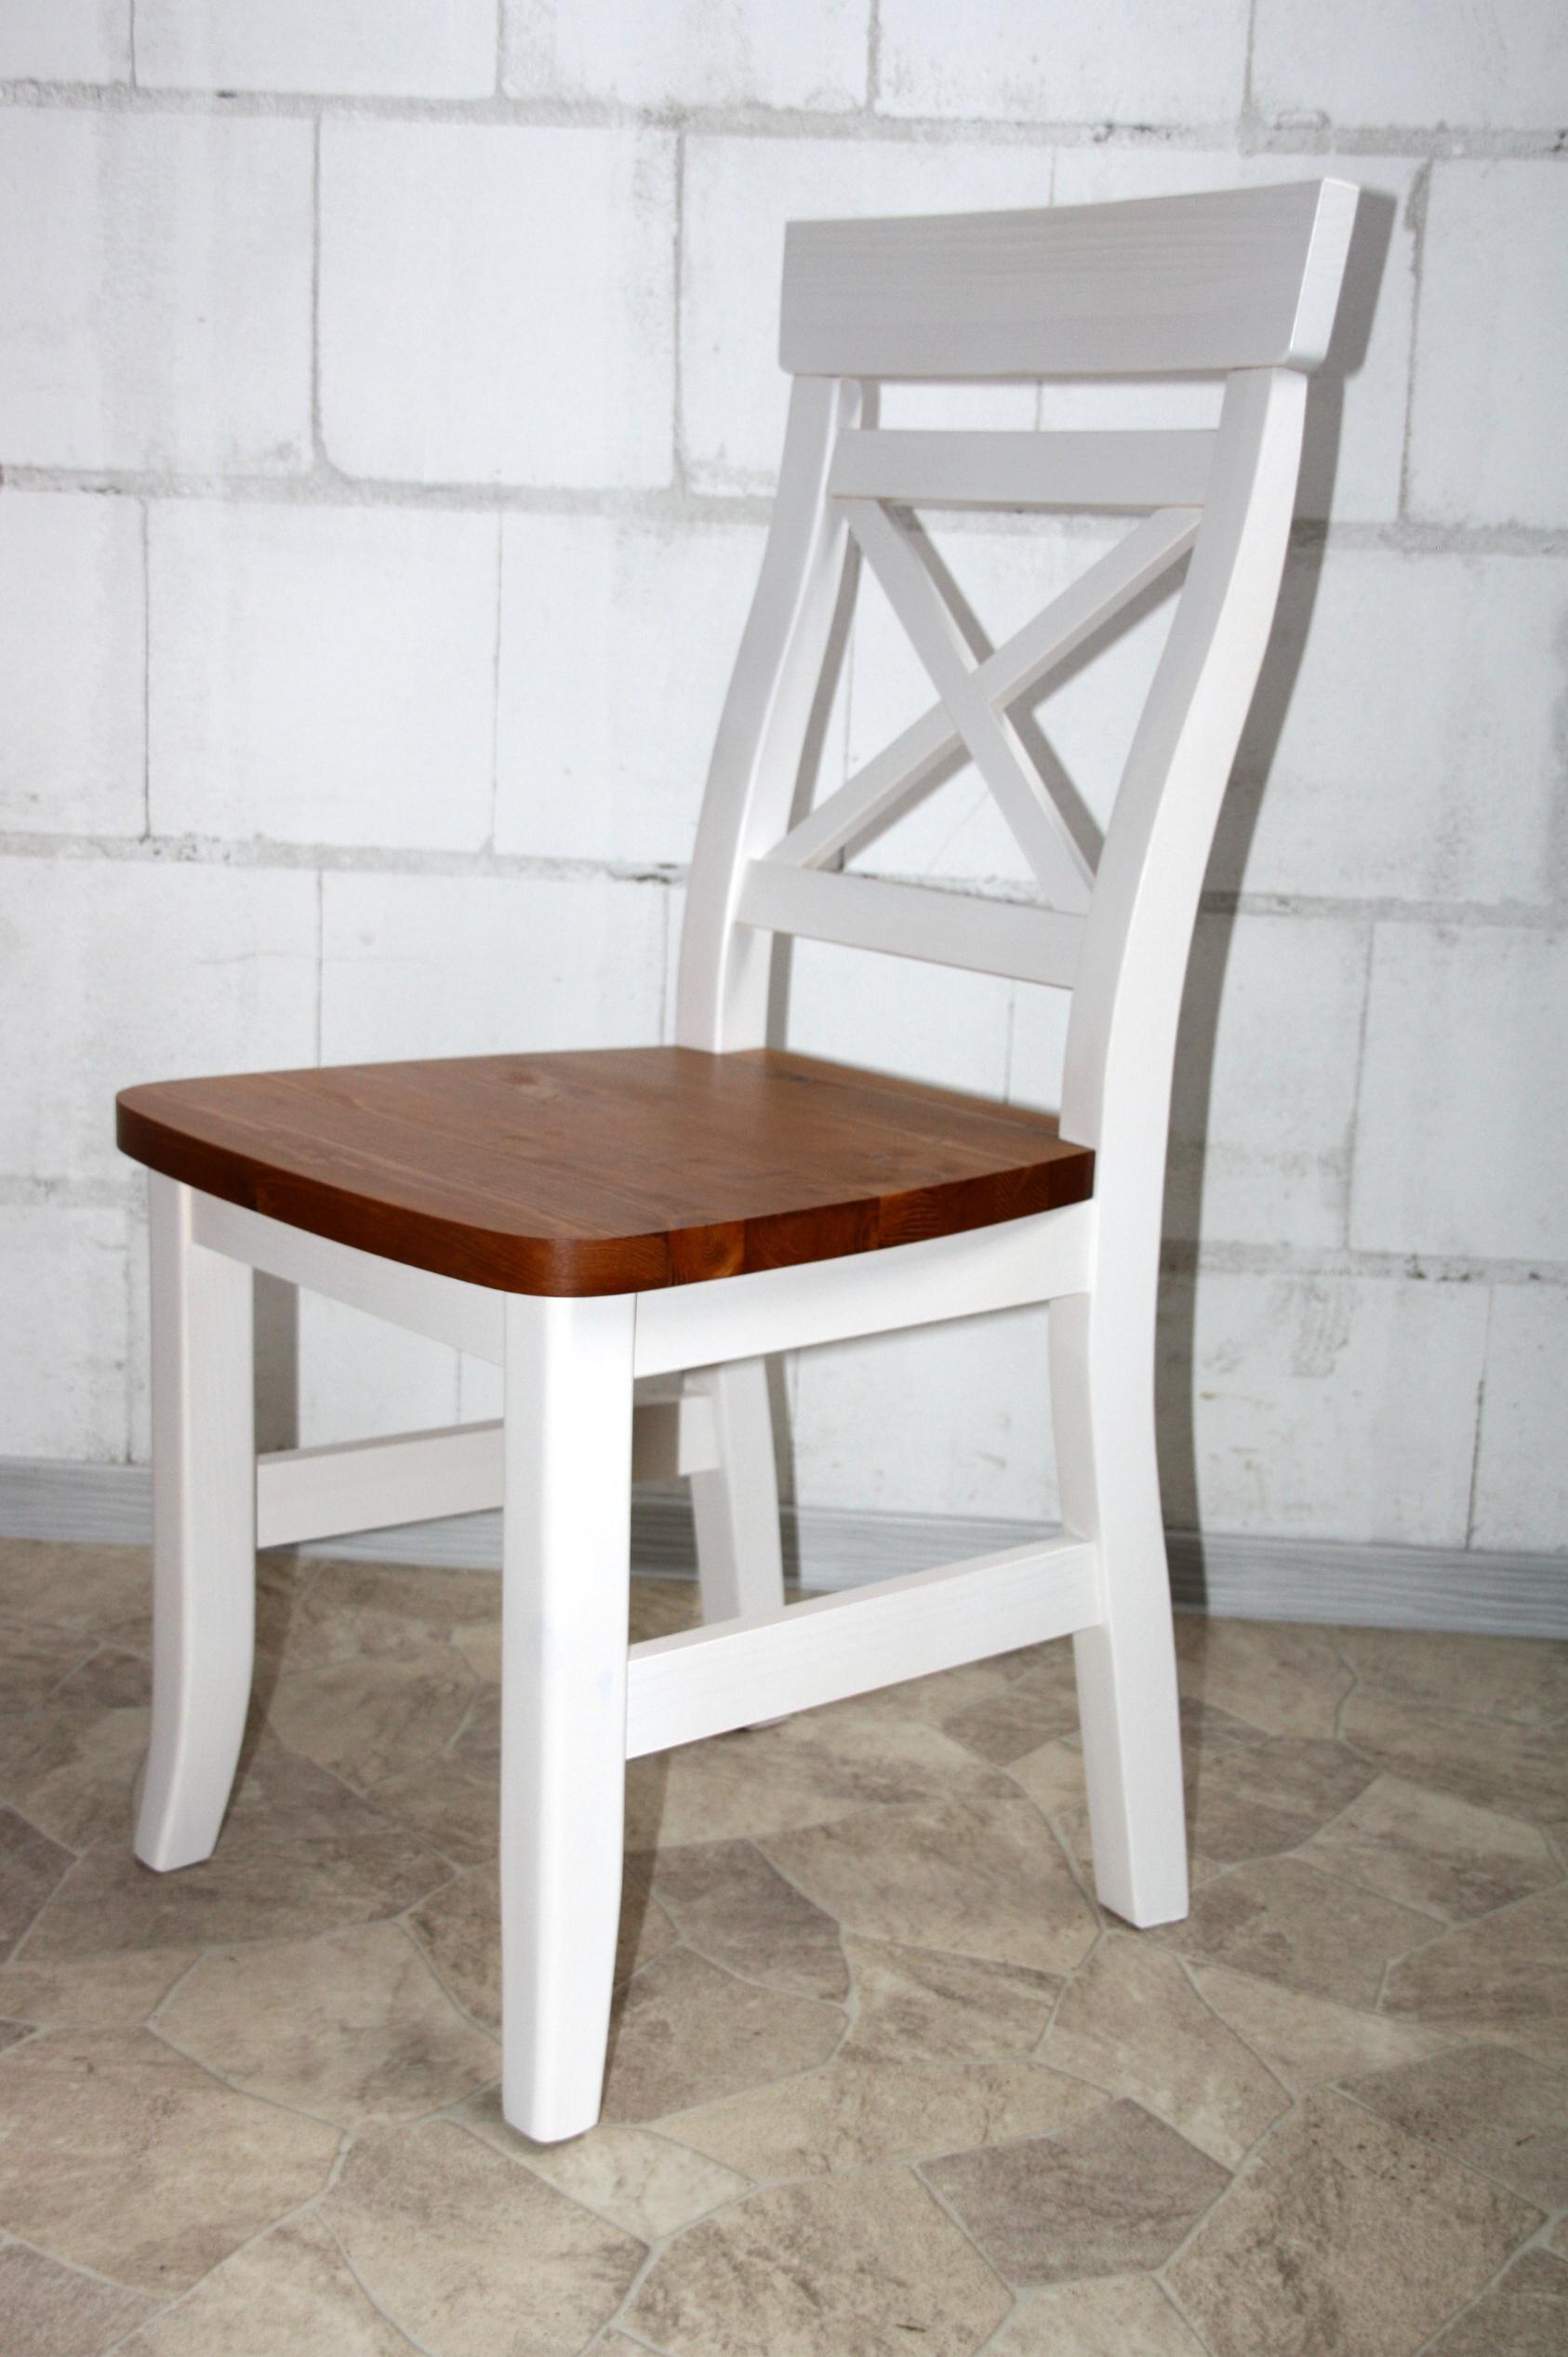 Landhaus Tisch Mit Stühle Weiß Honig Kiefer Massiv 2 Farbig Fjord